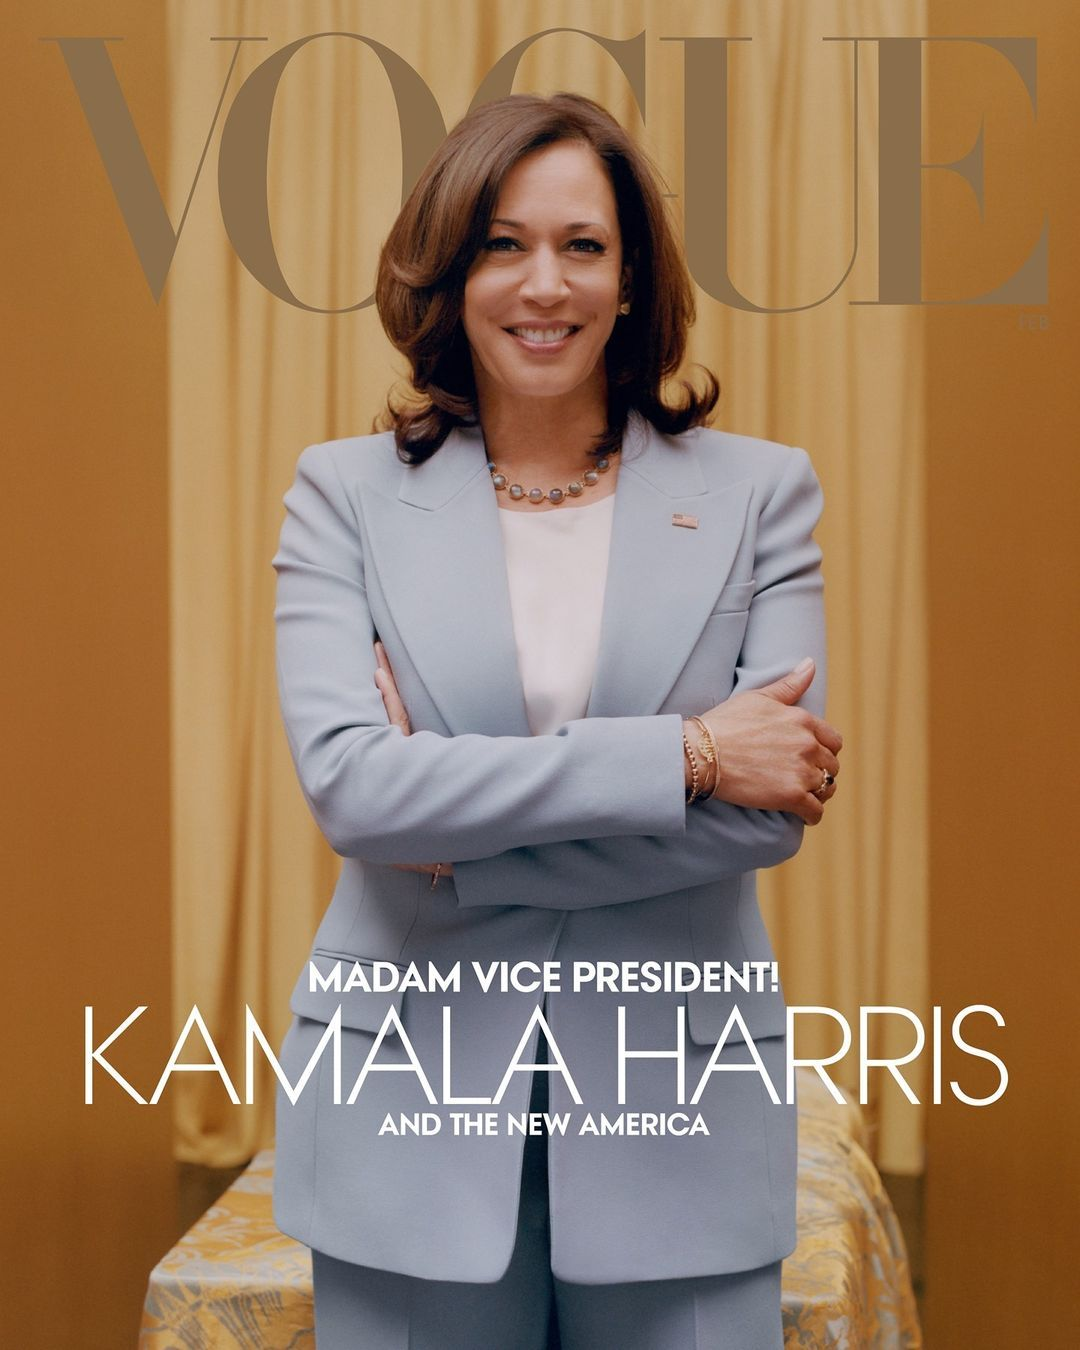 Kamala Harris di Majalah Vogue Feb 2021